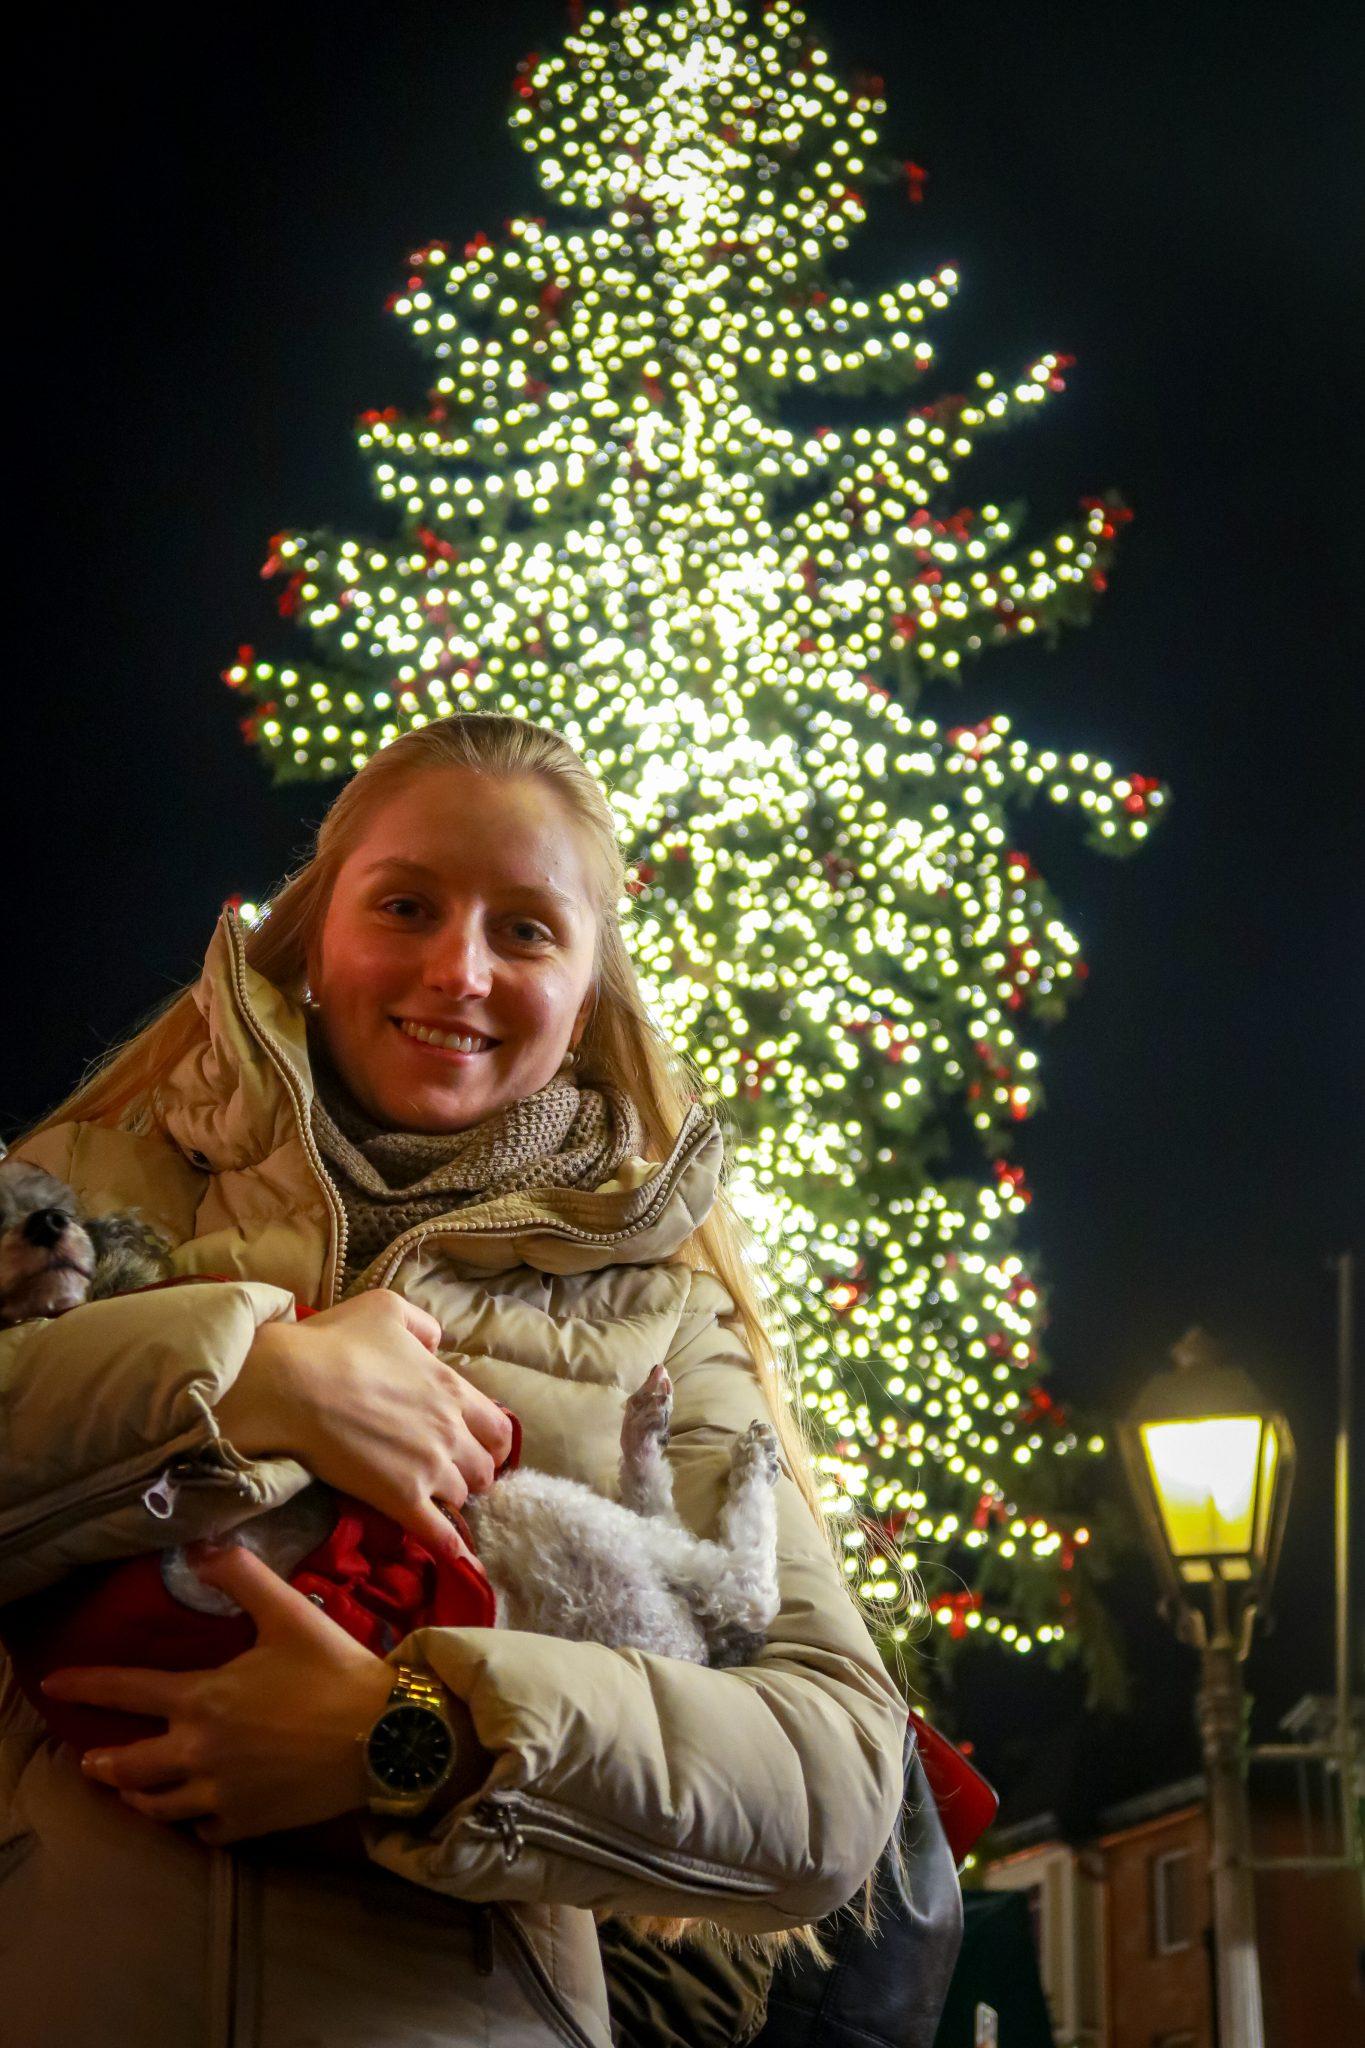 Frankfurter Weihnachtsmarkt: Der Weihnachtsbaum ist so gut erkennbar, weil er mit Tausenden von Glühbirnen geschmückt wurde